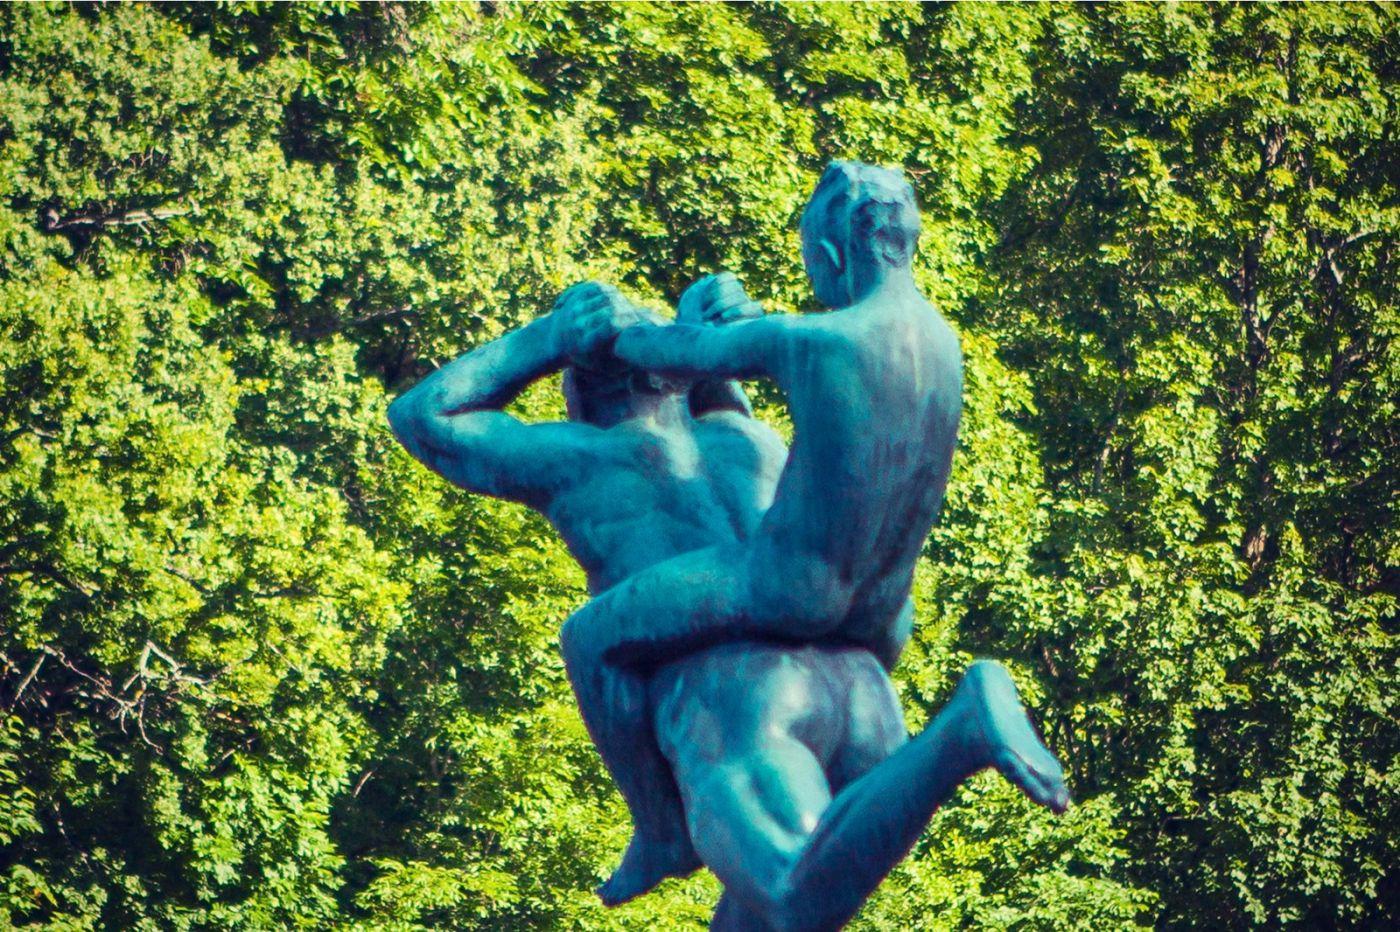 挪威维格兰雕塑公园,风格明显_图1-15